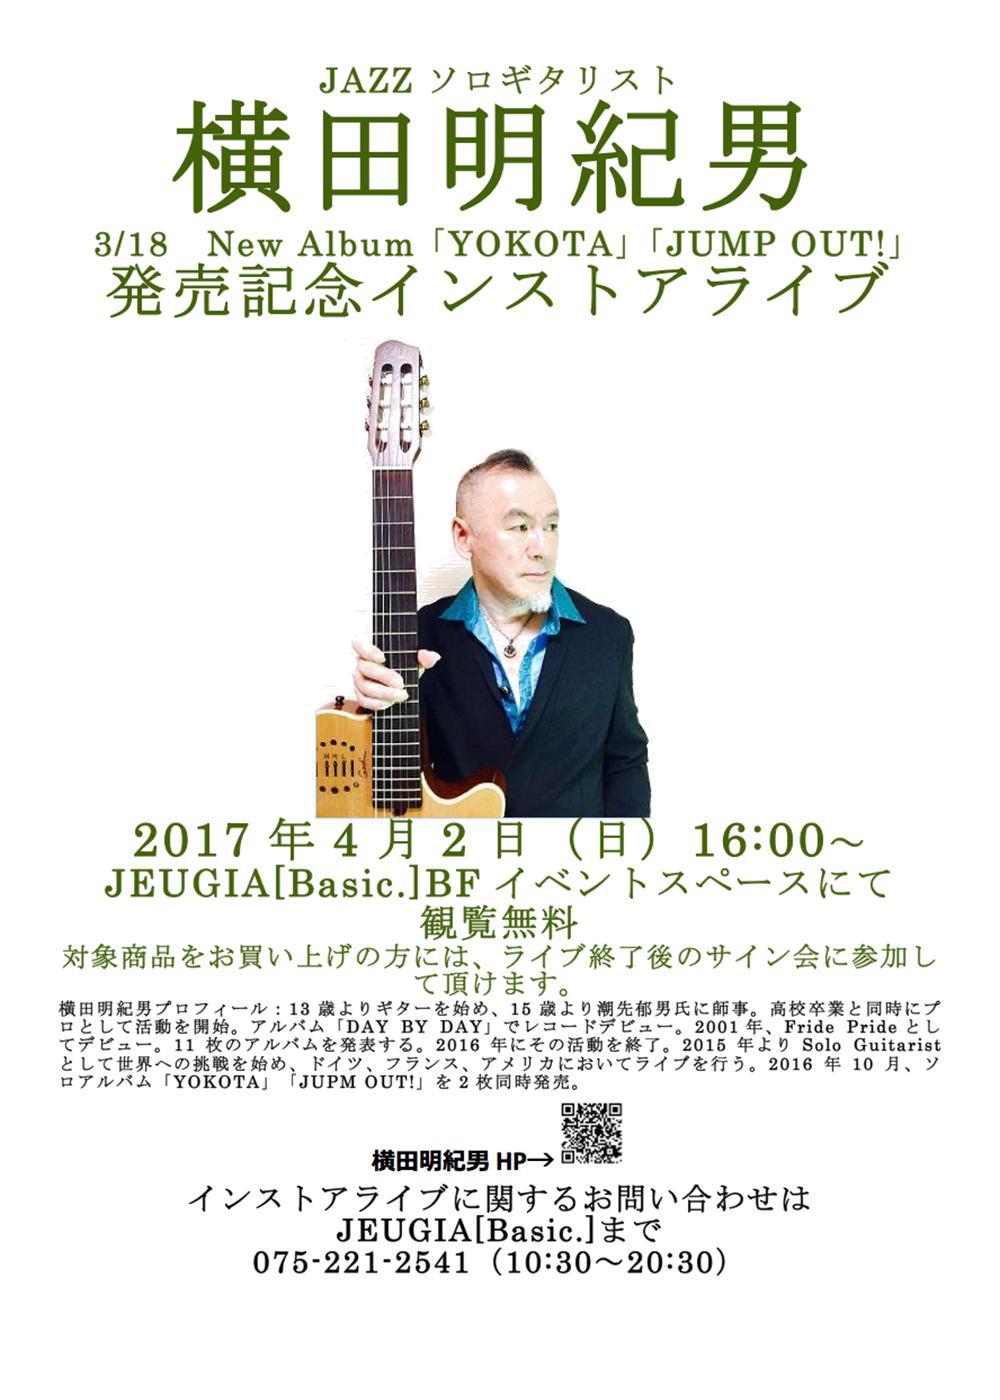 京都JEUGIA  インストアライブ&ジャズギター・ワークショップ(Apr. 2)